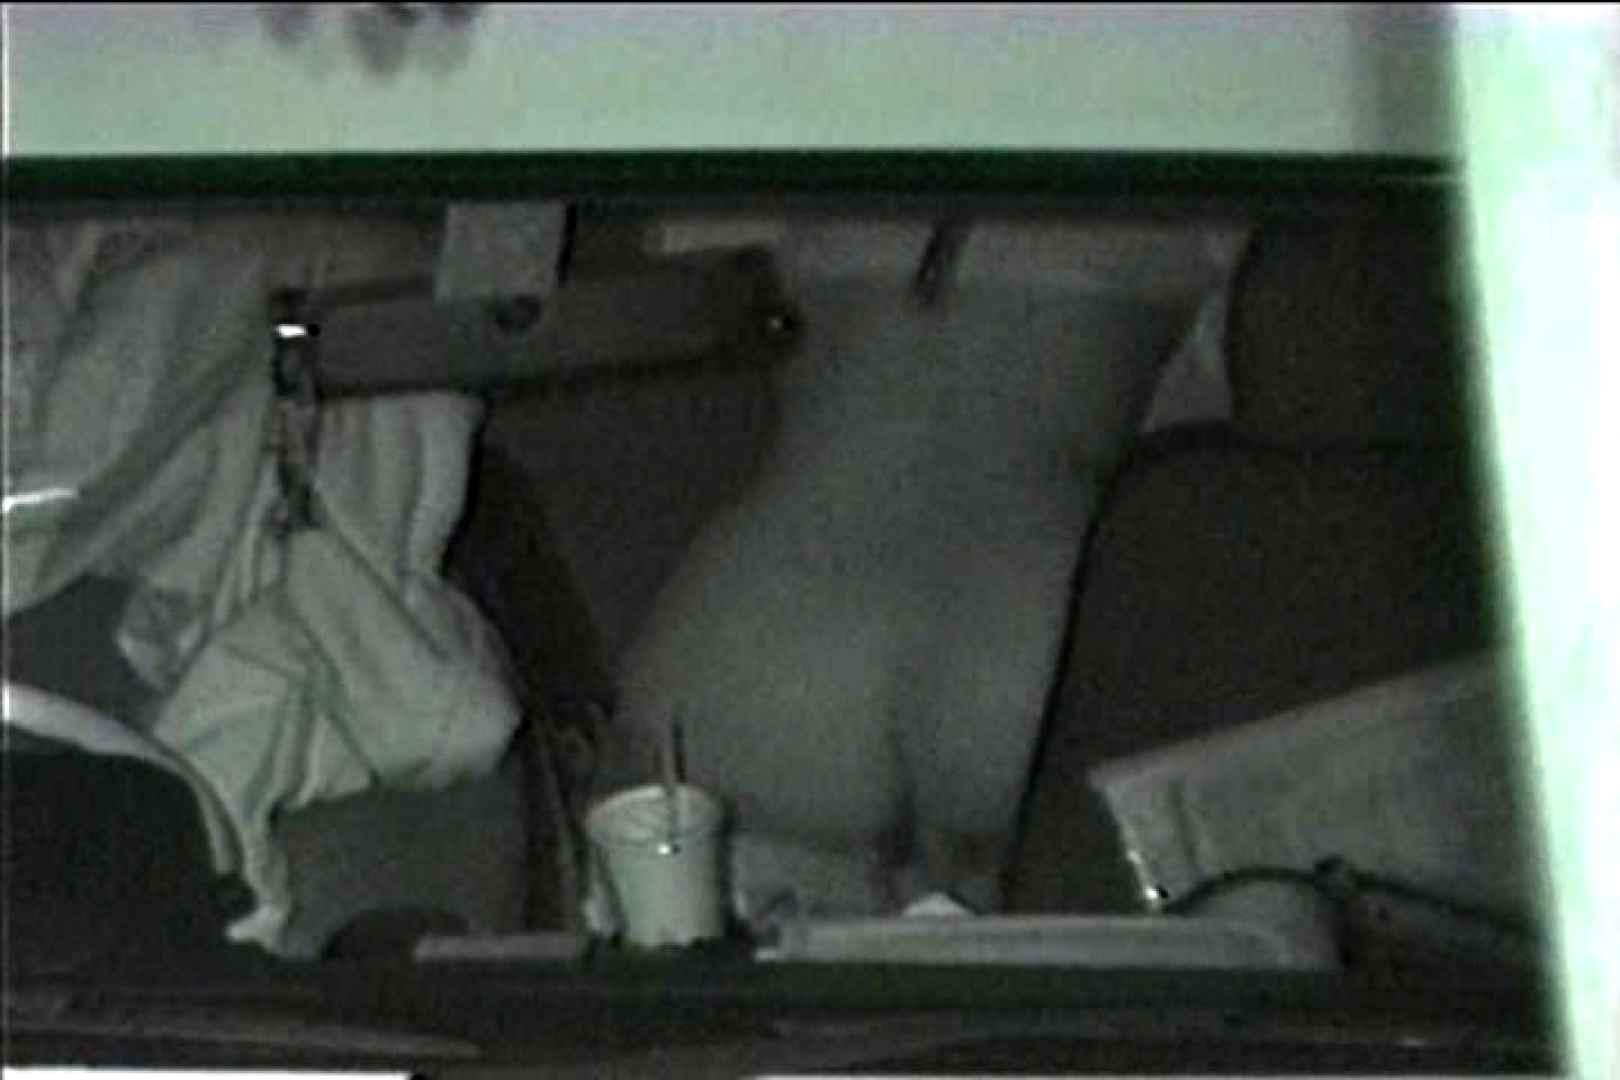 車の中はラブホテル 無修正版  Vol.7 カーセックス   美しいOLの裸体  84pic 17